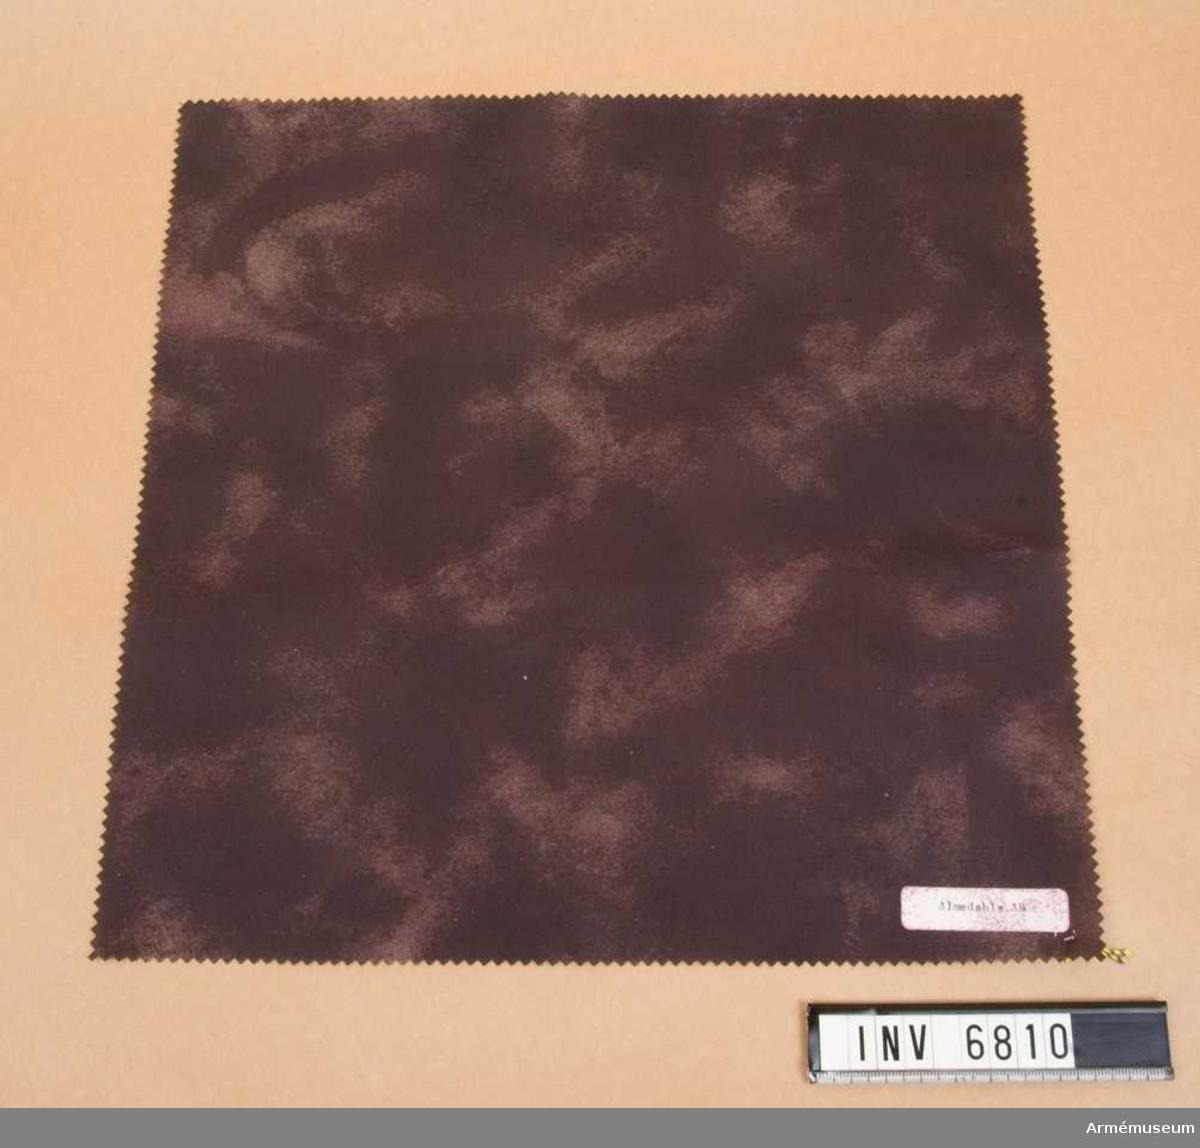 Prov av väv till regnkappa, FMV. 1981. Mått 300 x 170 mm. Material under utveckling av lättare kvalitet avsedd för  regnkappa. Materialet är kamoflagemönstrat med beläggning av  polyuretan/acrylat eller teflon.